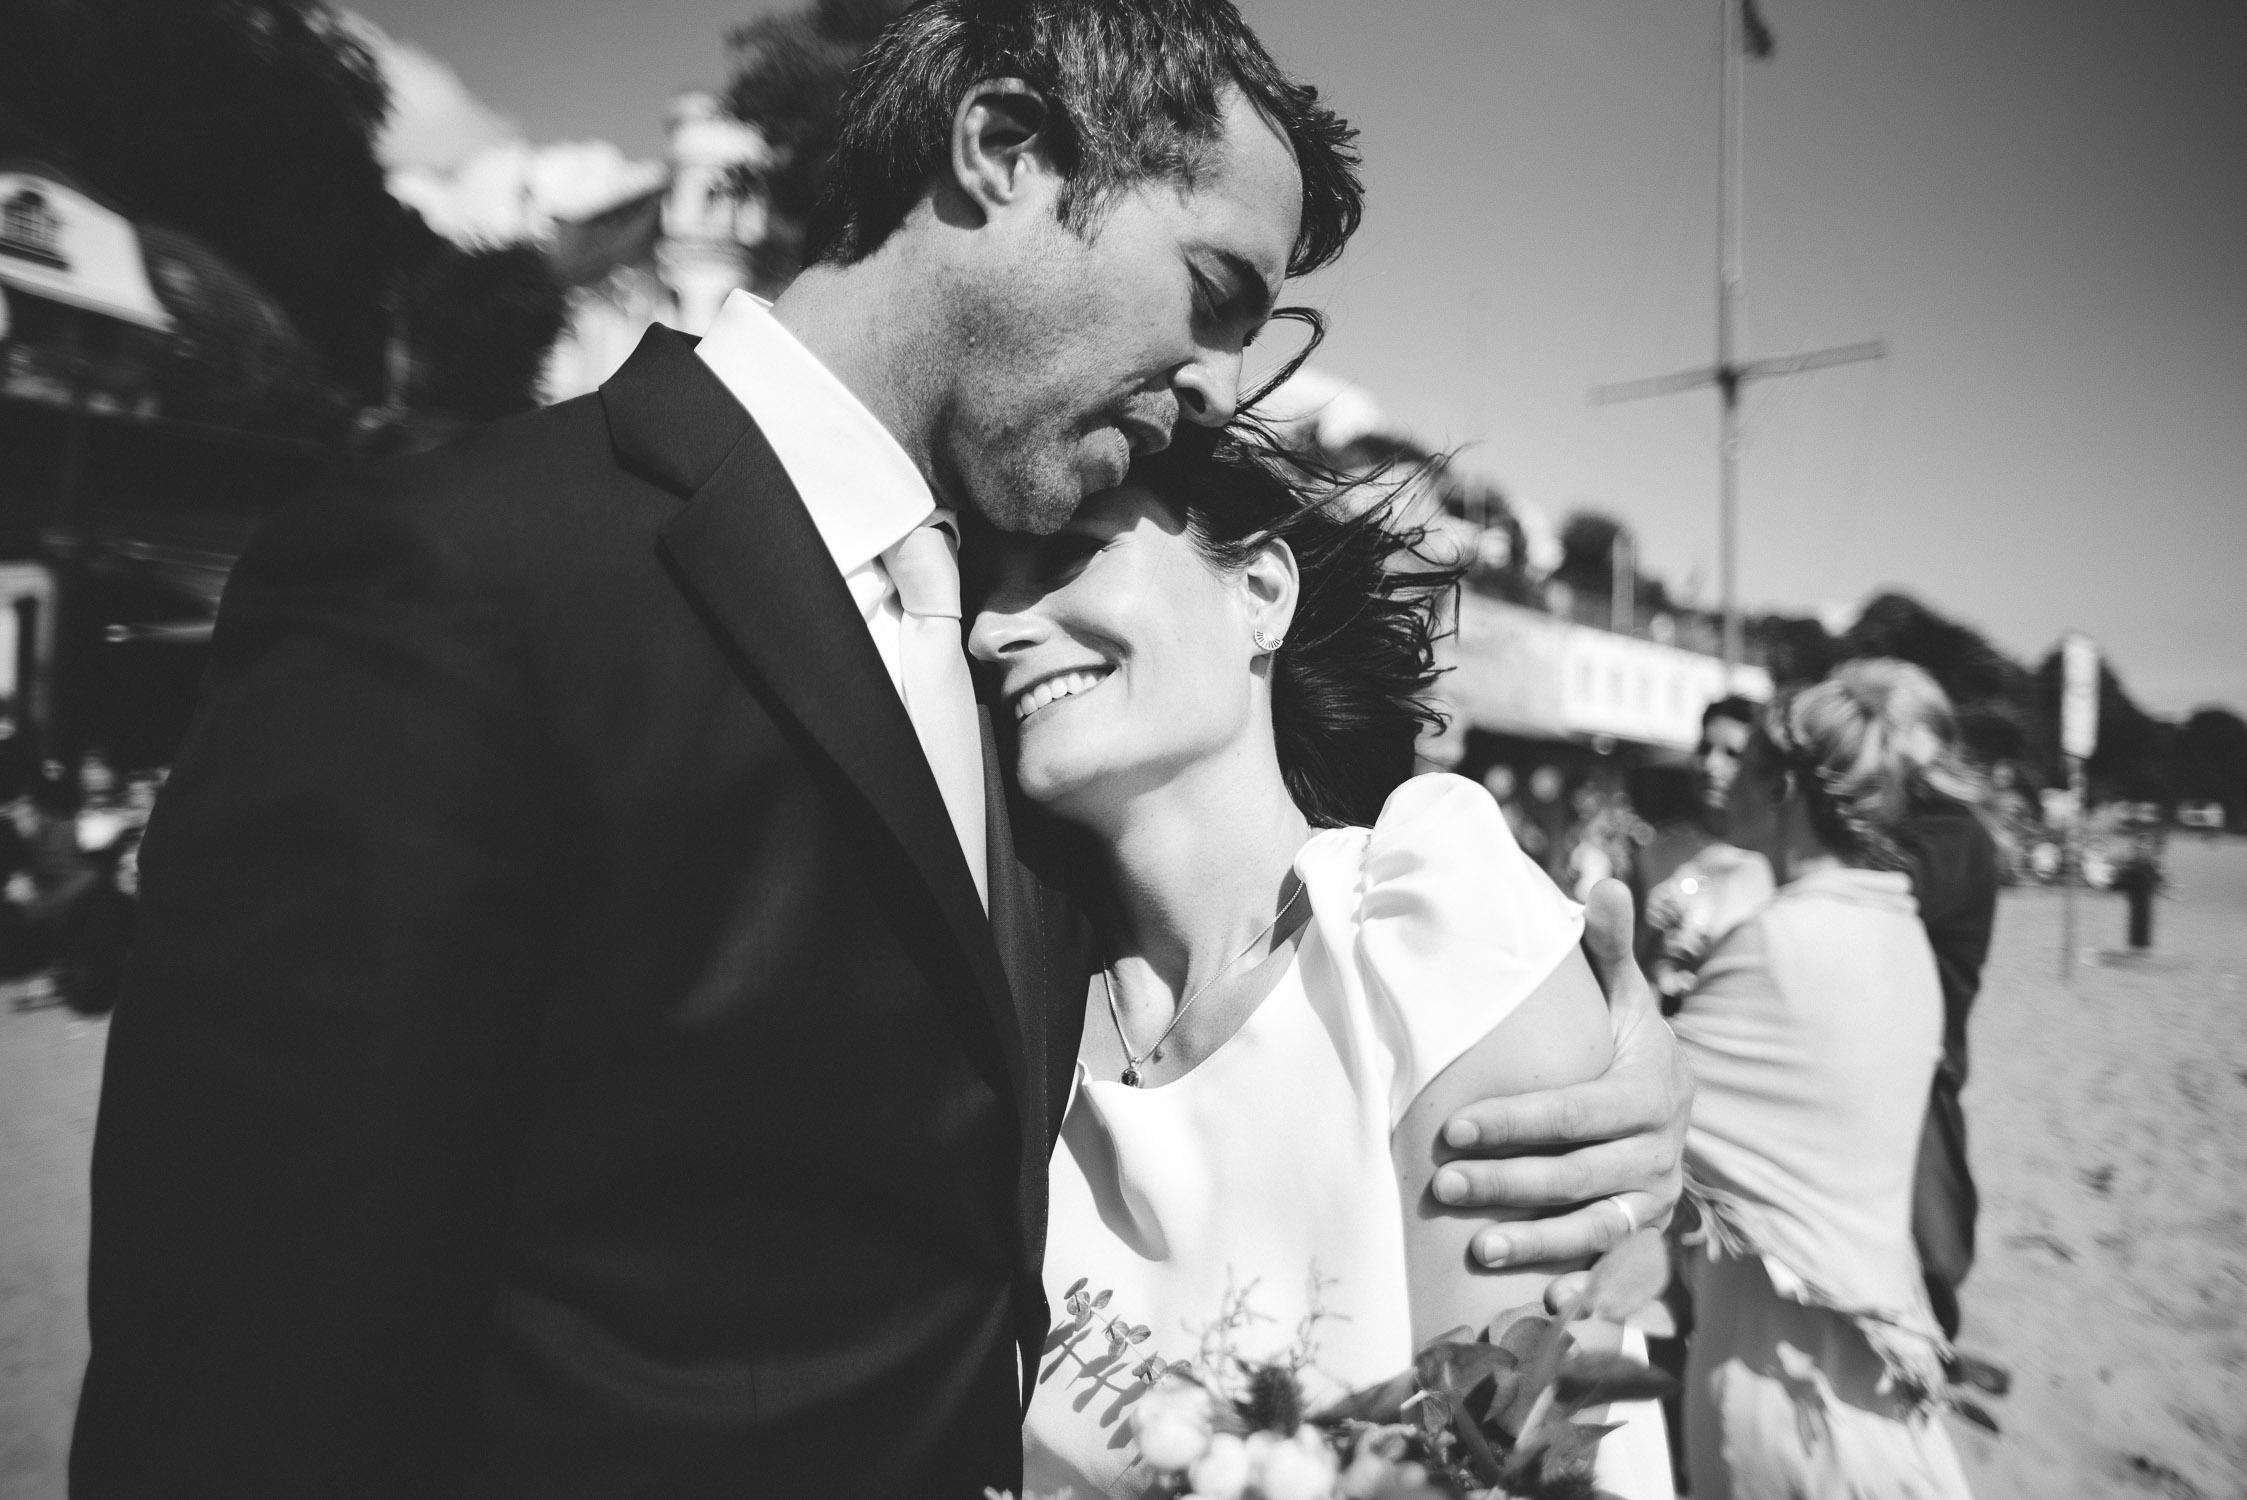 Hochzeit Hamburg Hafen Altona Kiez Hochzeitsfotograf Hannes Harnack-3573